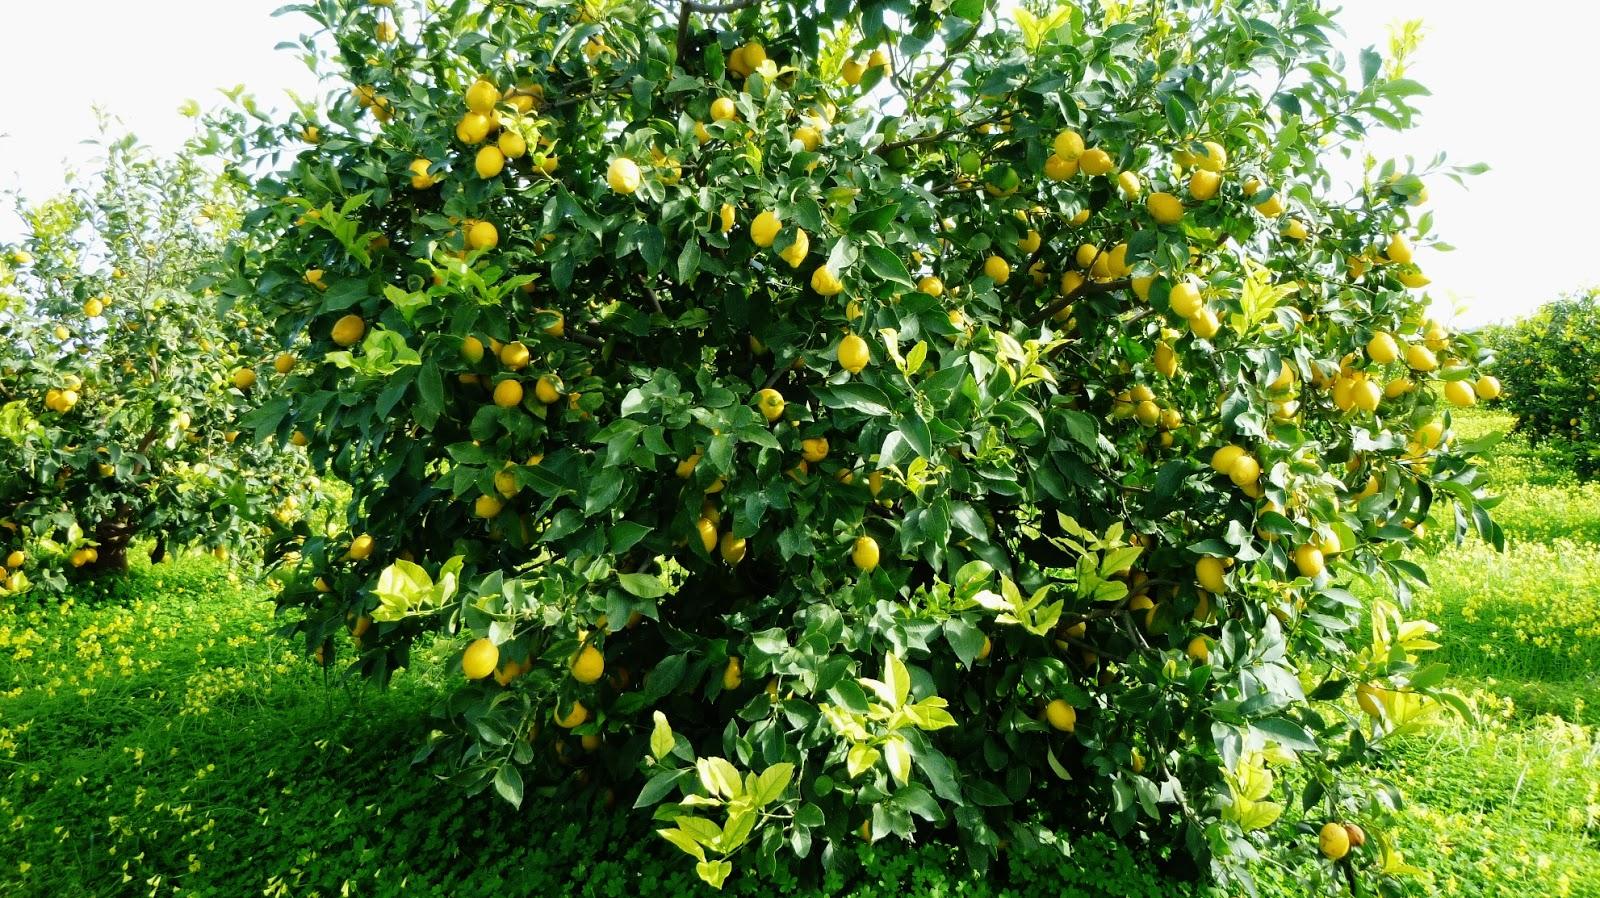 Agriculture consulting agronomist dell 39 agronomo vito for Pianta di limone